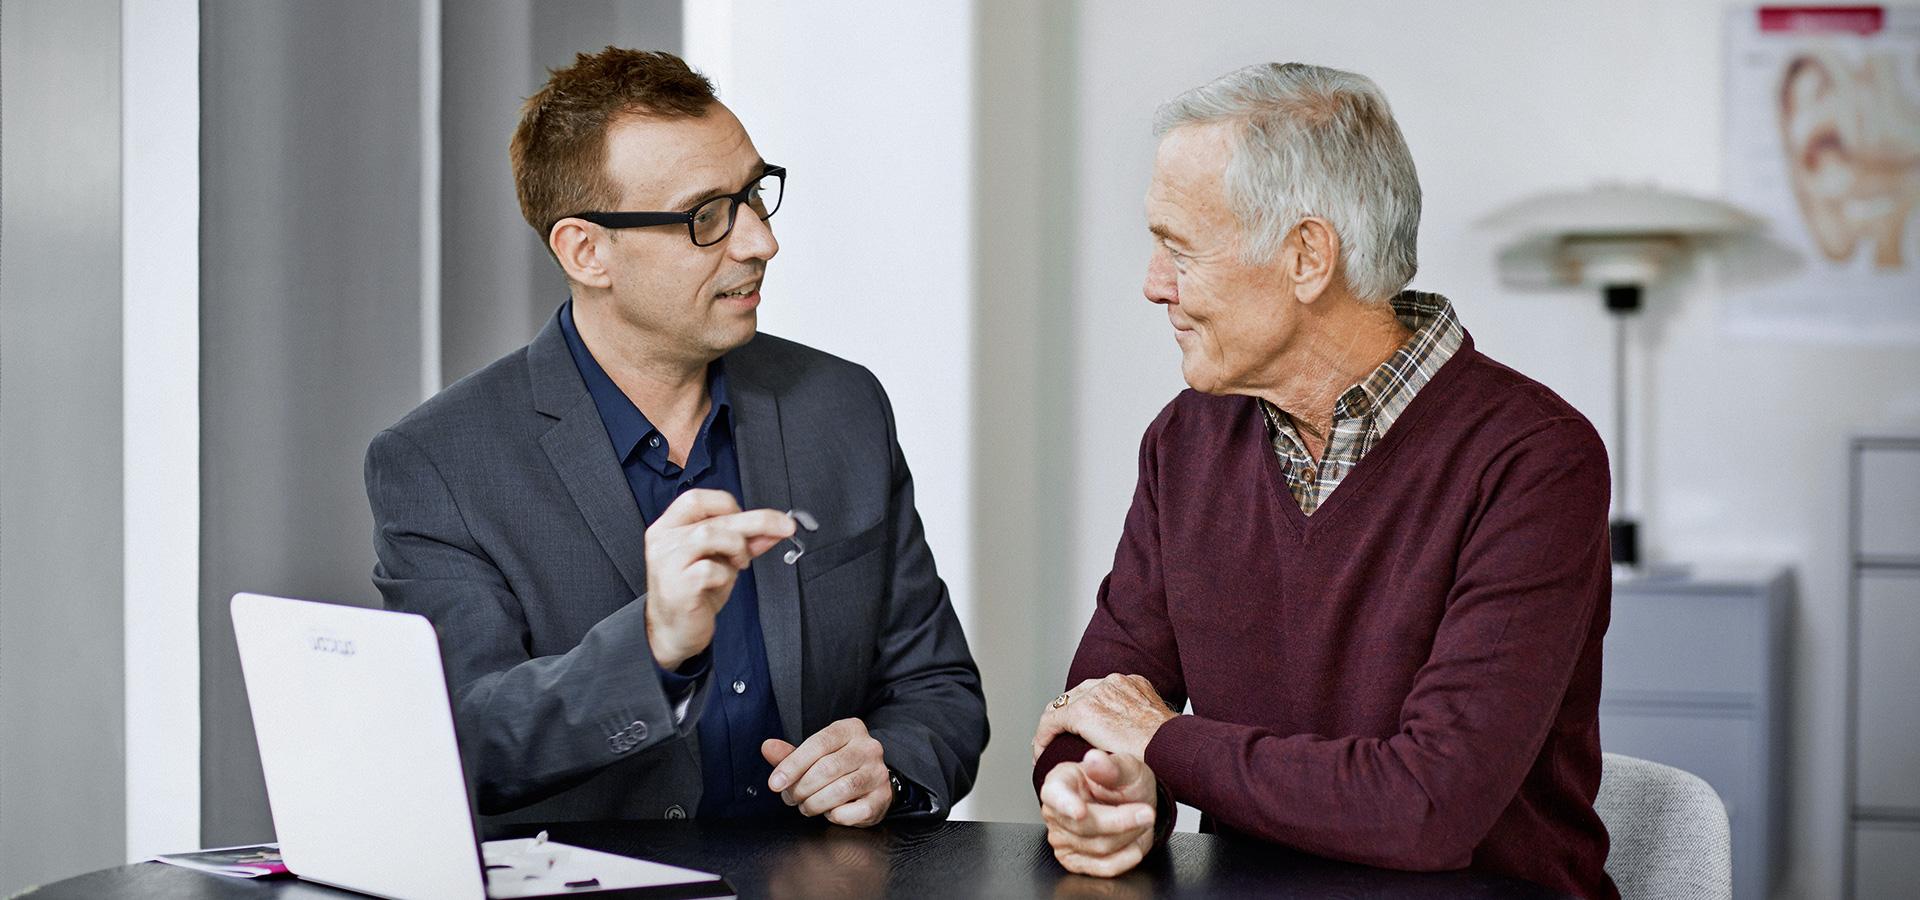 un audioprothésiste et son patient parlant des appareils auditifs